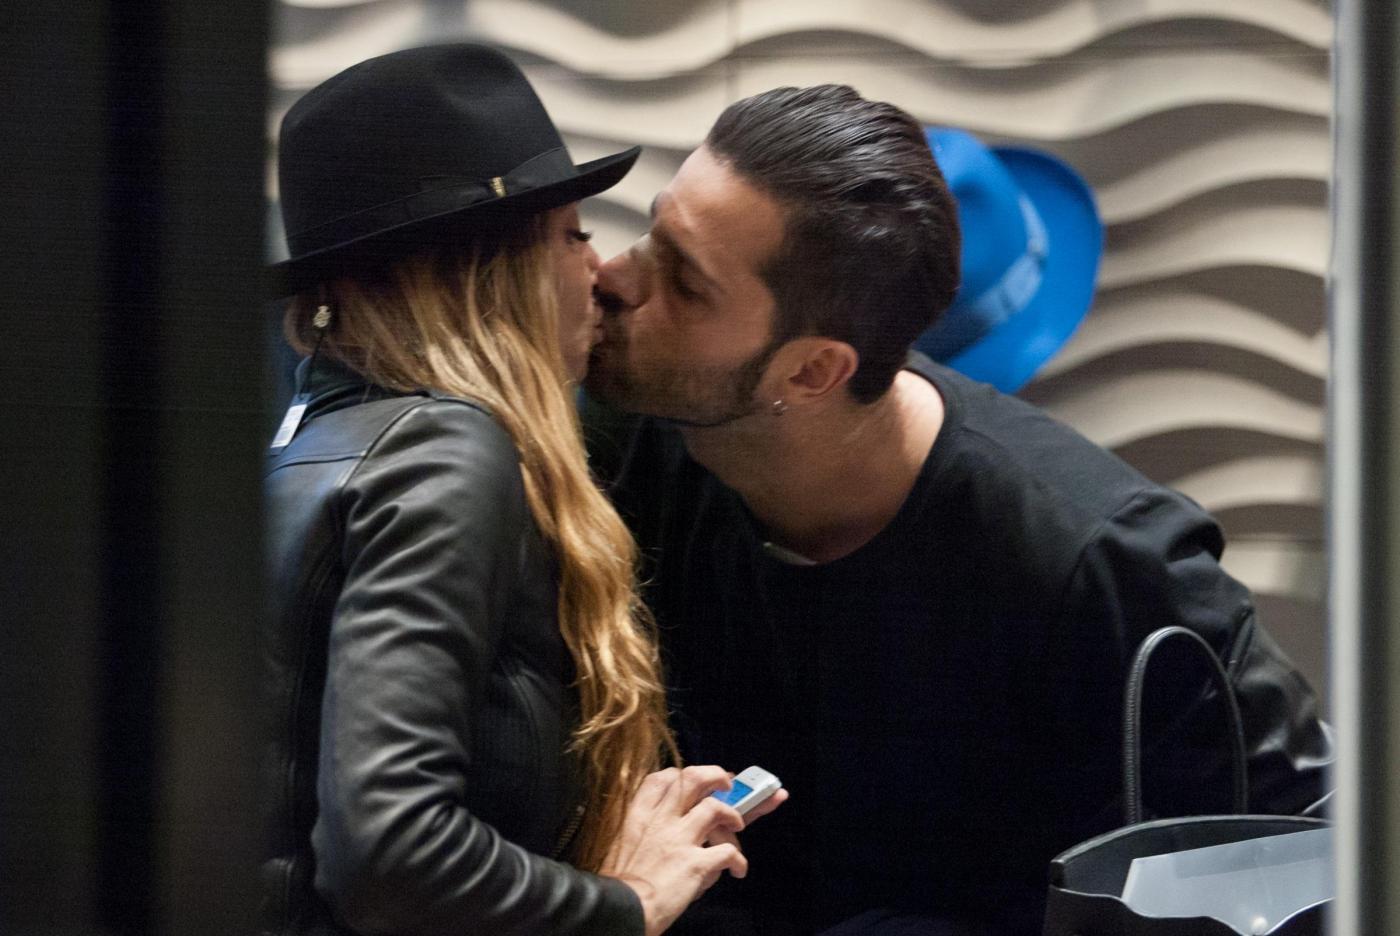 Alessio Lopasso e Roberta Bonfanti travolti dalla passione durante lo shopping11